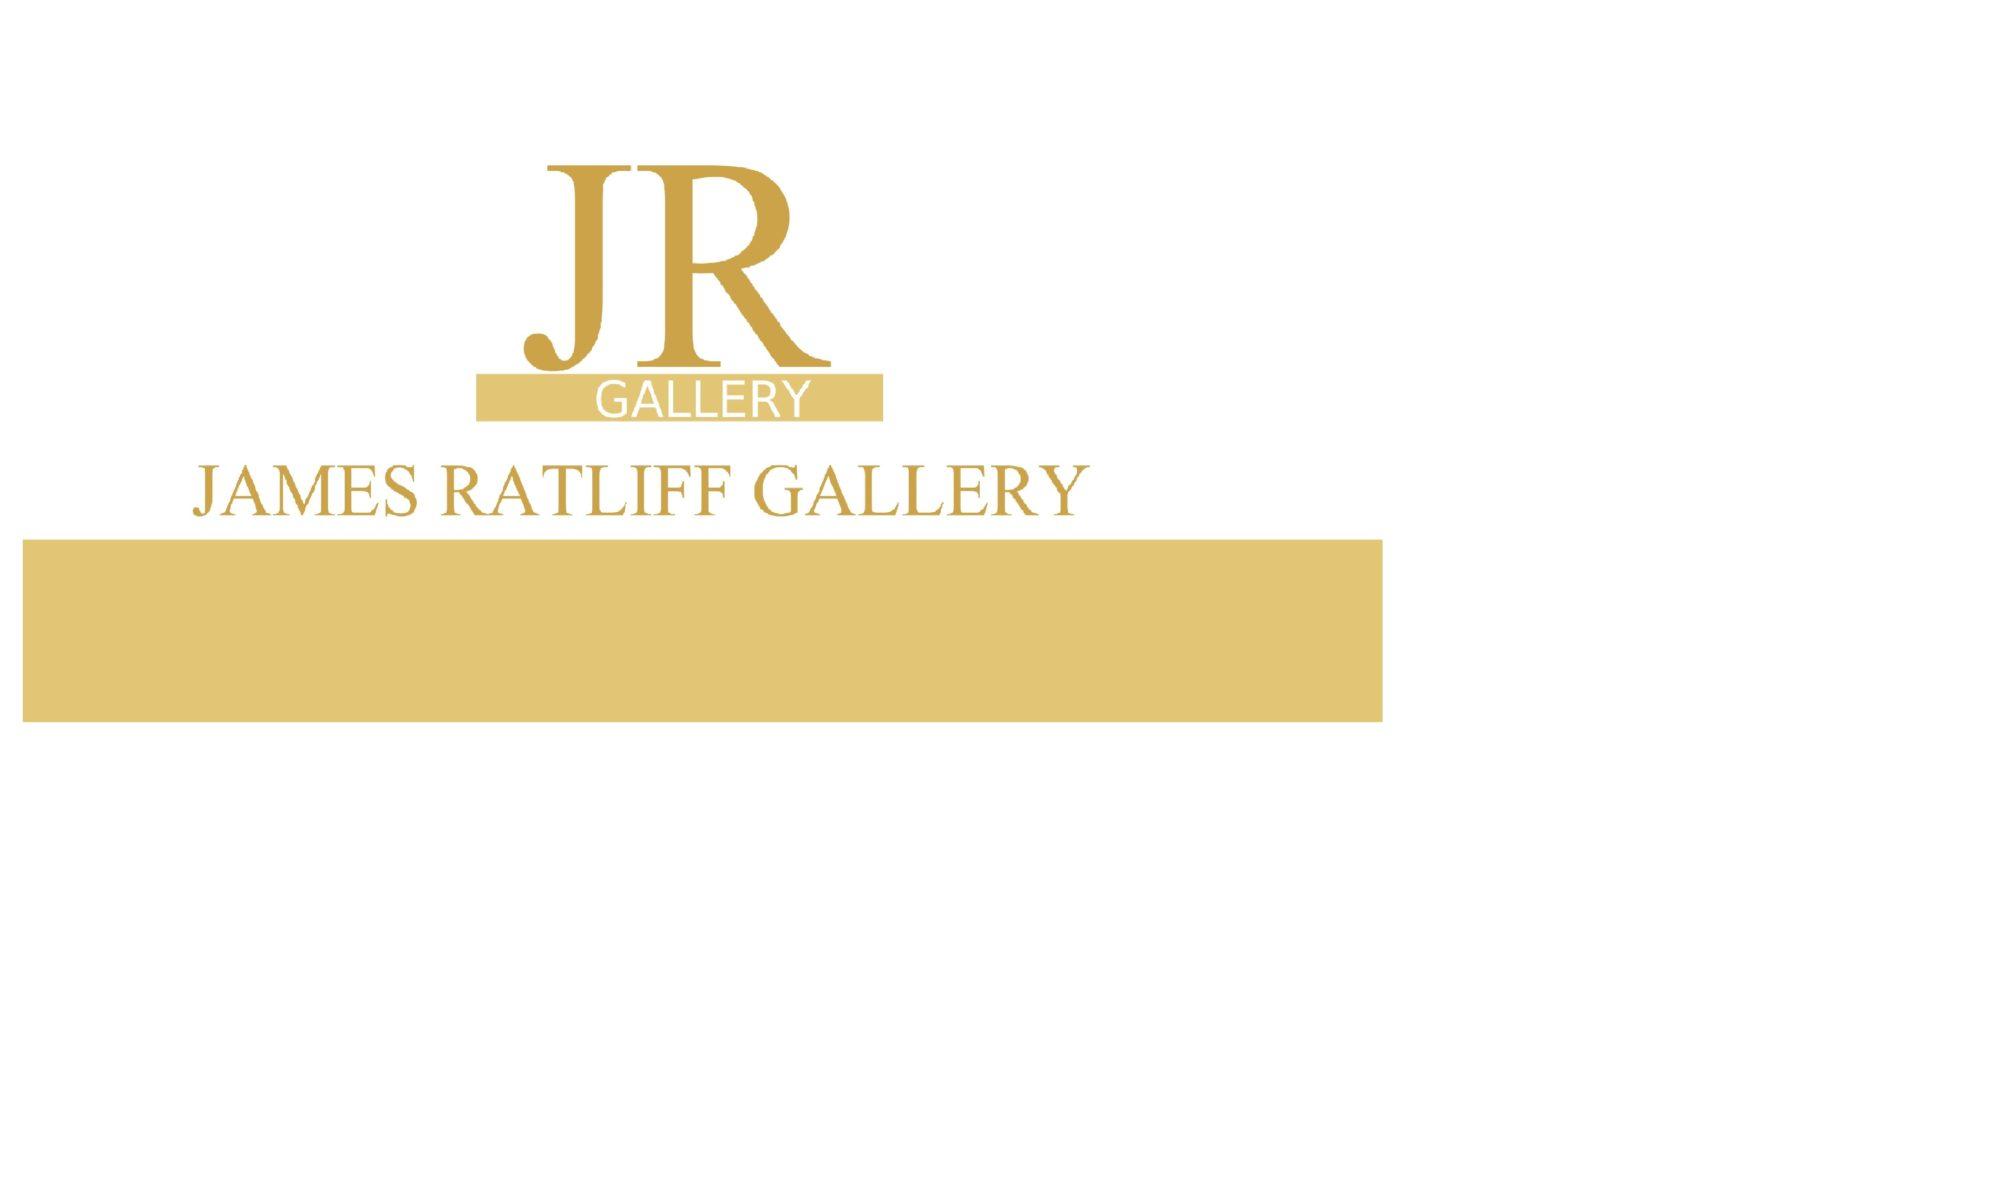 James Ratliff Gallery